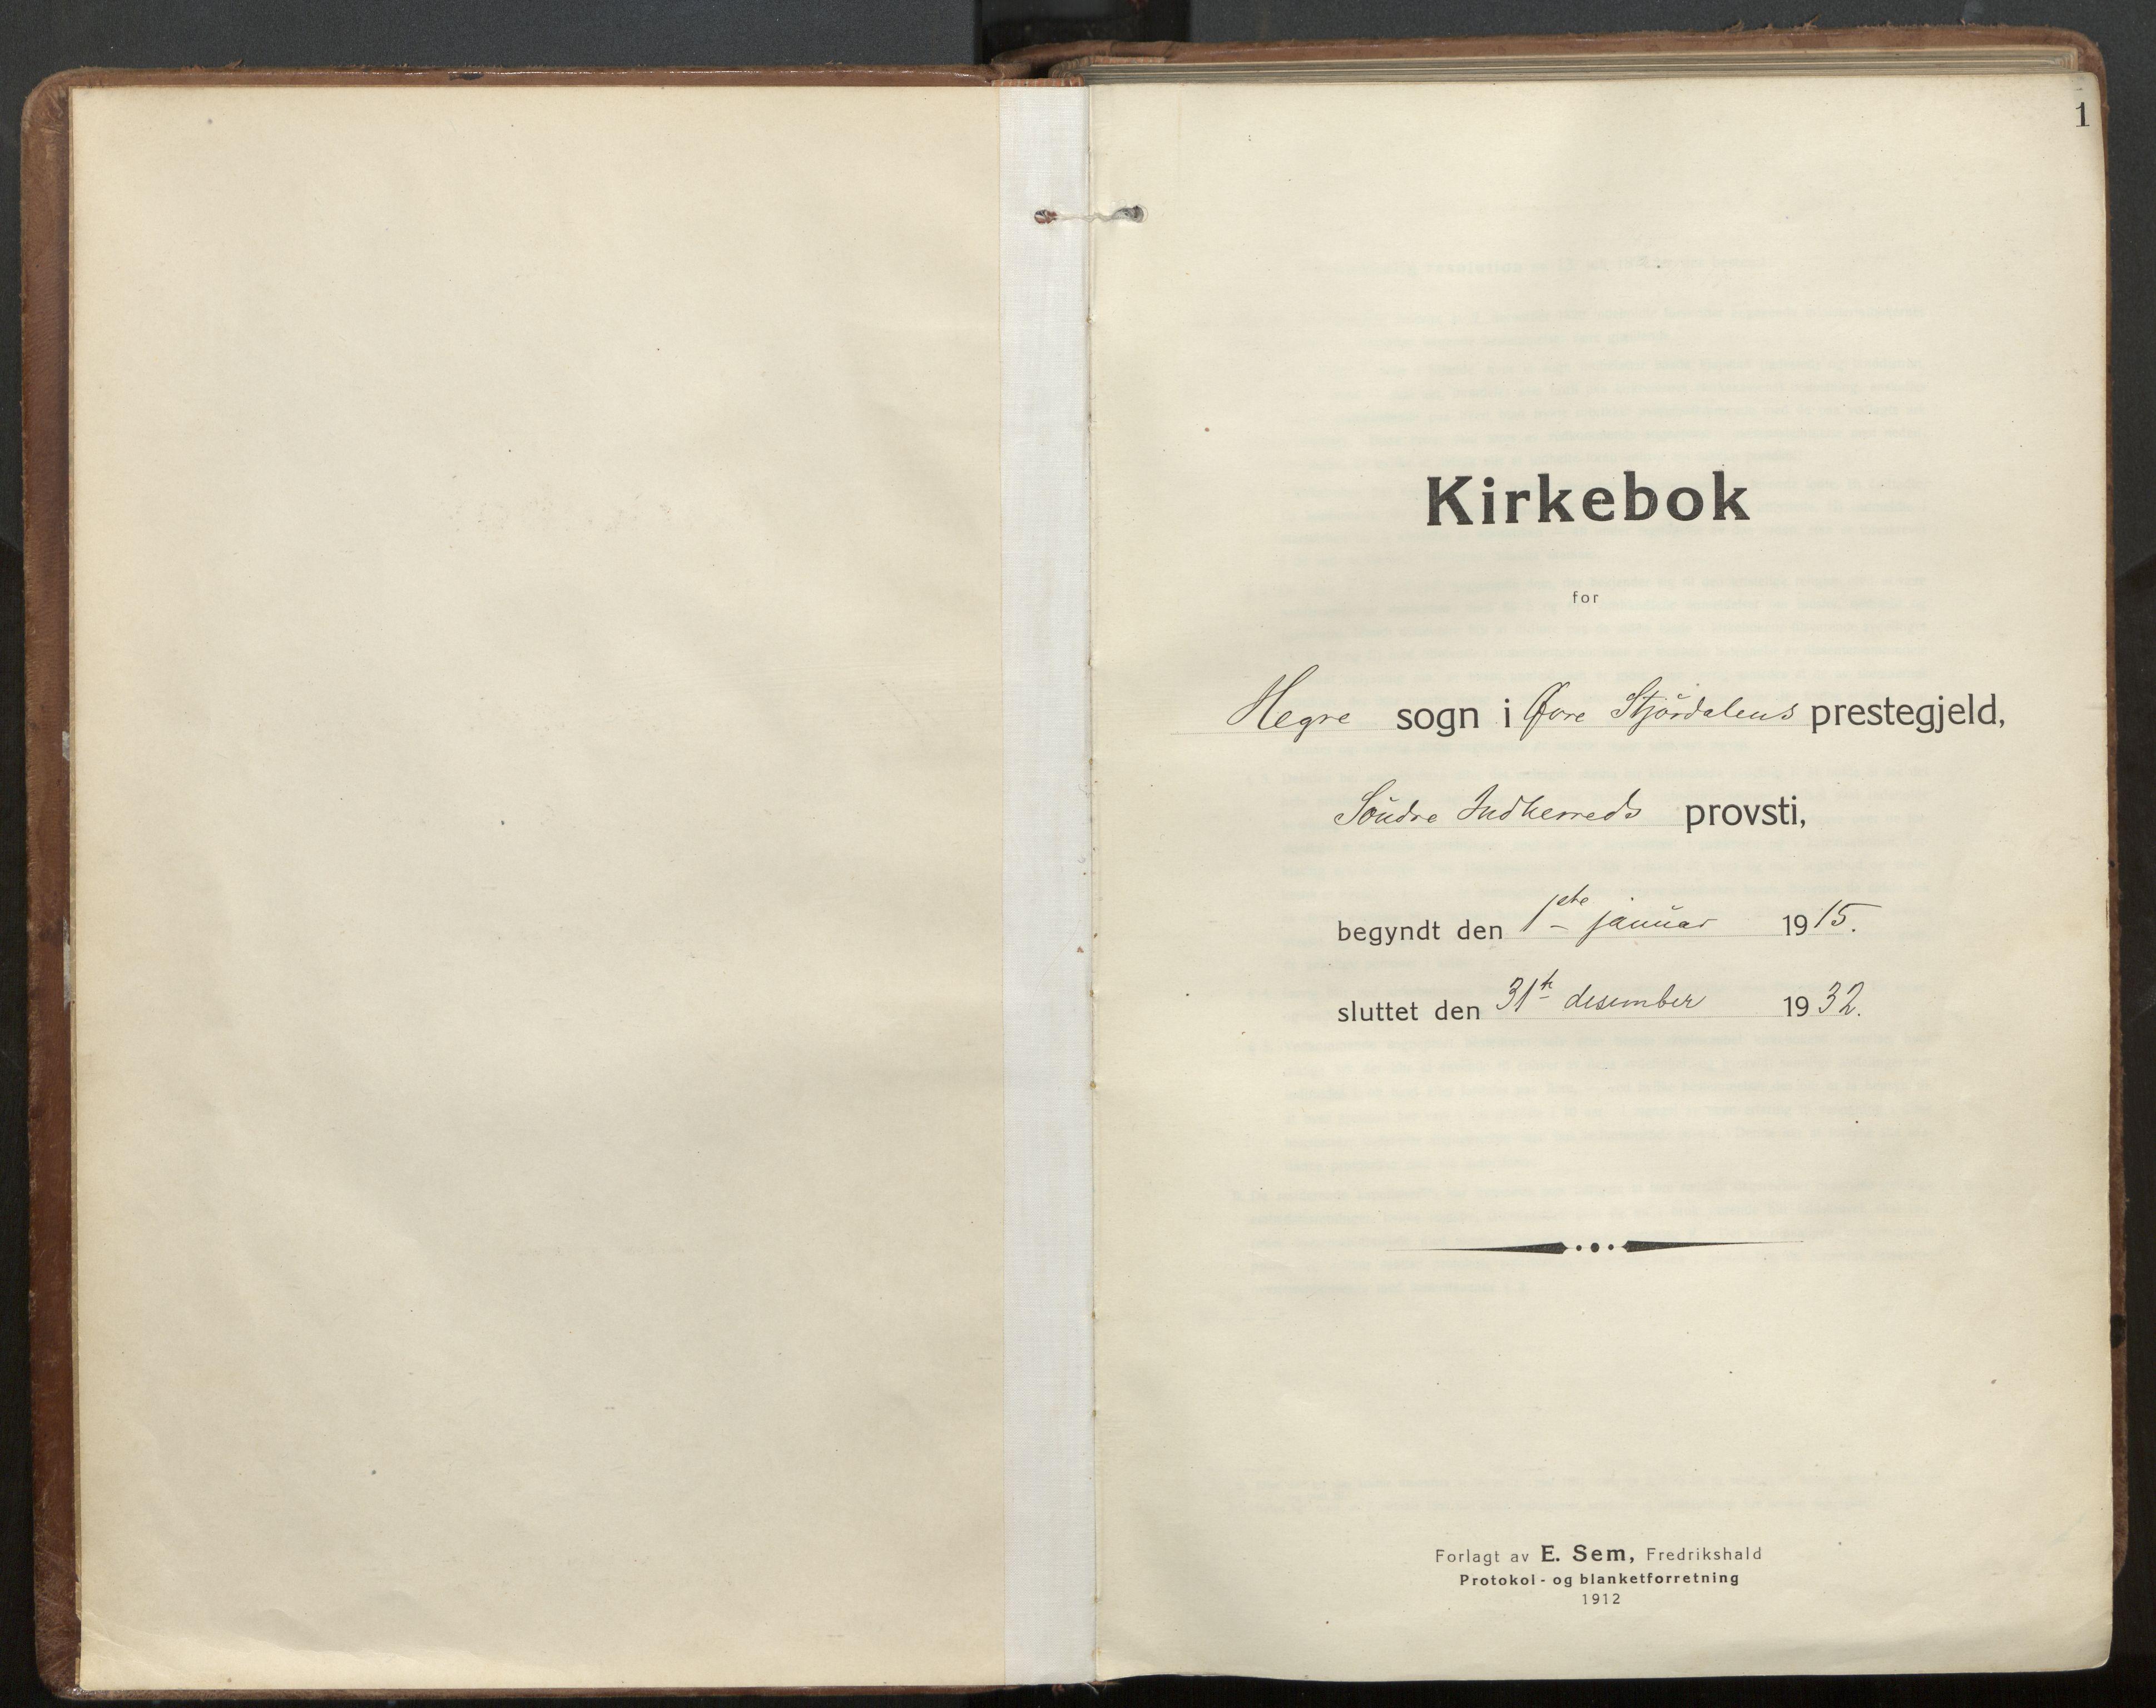 SAT, Ministerialprotokoller, klokkerbøker og fødselsregistre - Nord-Trøndelag, 703/L0037: Parish register (official) no. 703A10, 1915-1932, p. 1